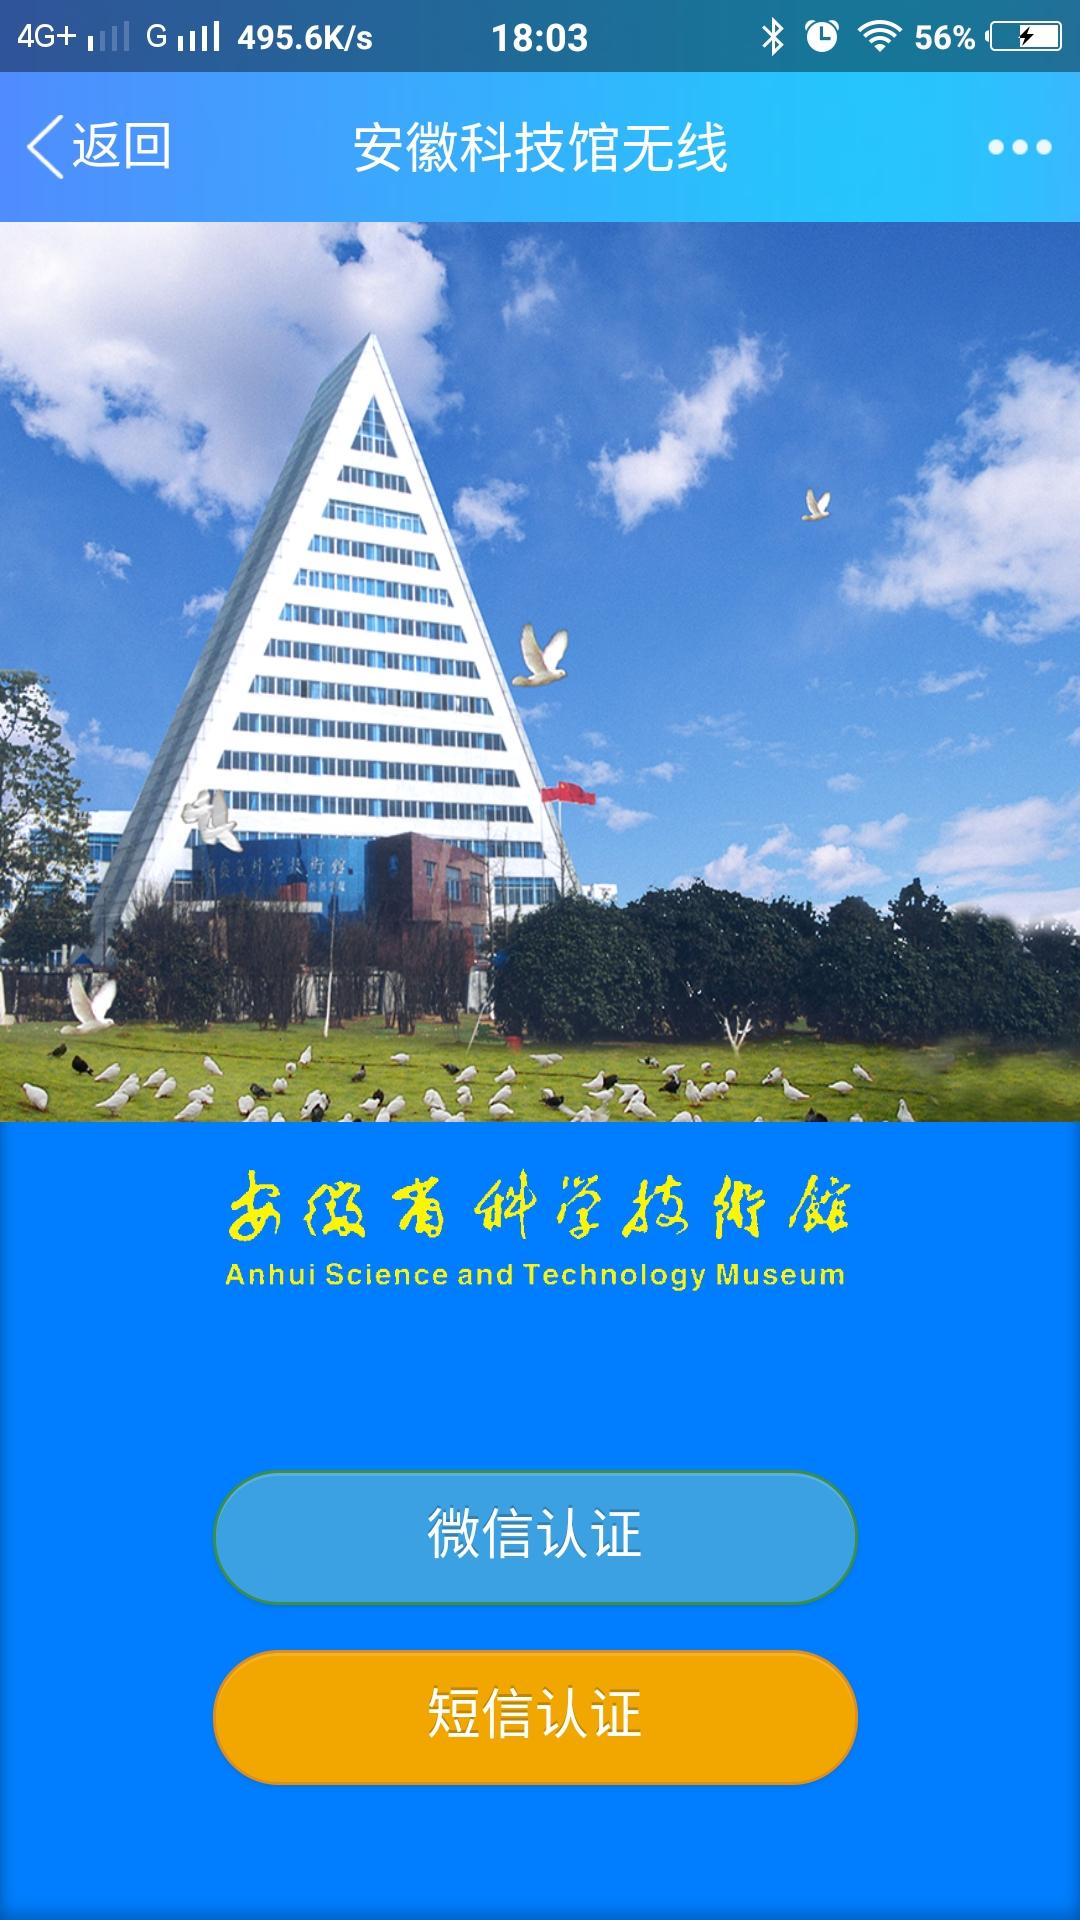 安徽科技馆1.jpg